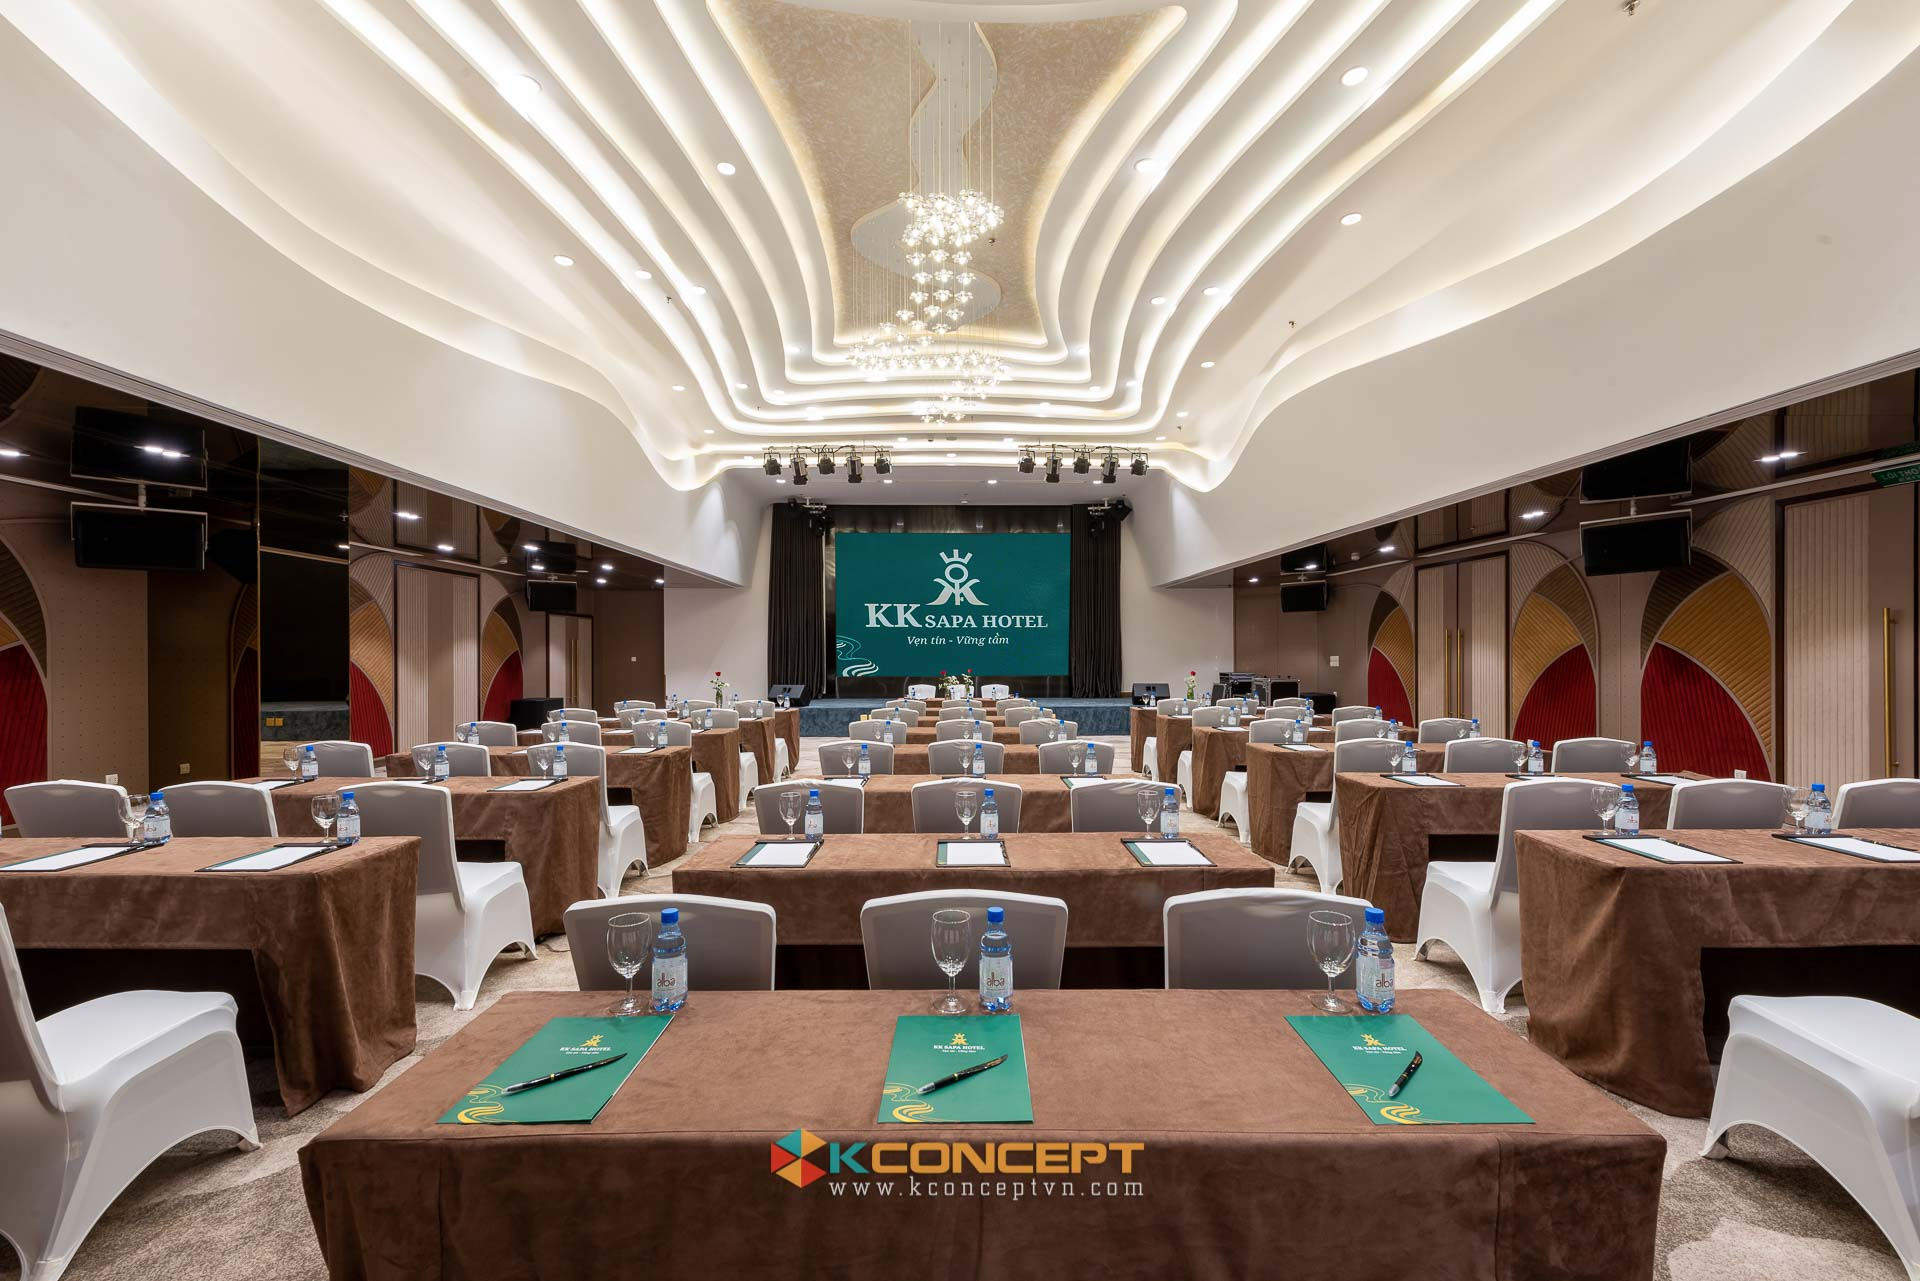 Hình ảnh về dự án chụp ảnh quảng cáo khách sạn KK Hotel Sapa